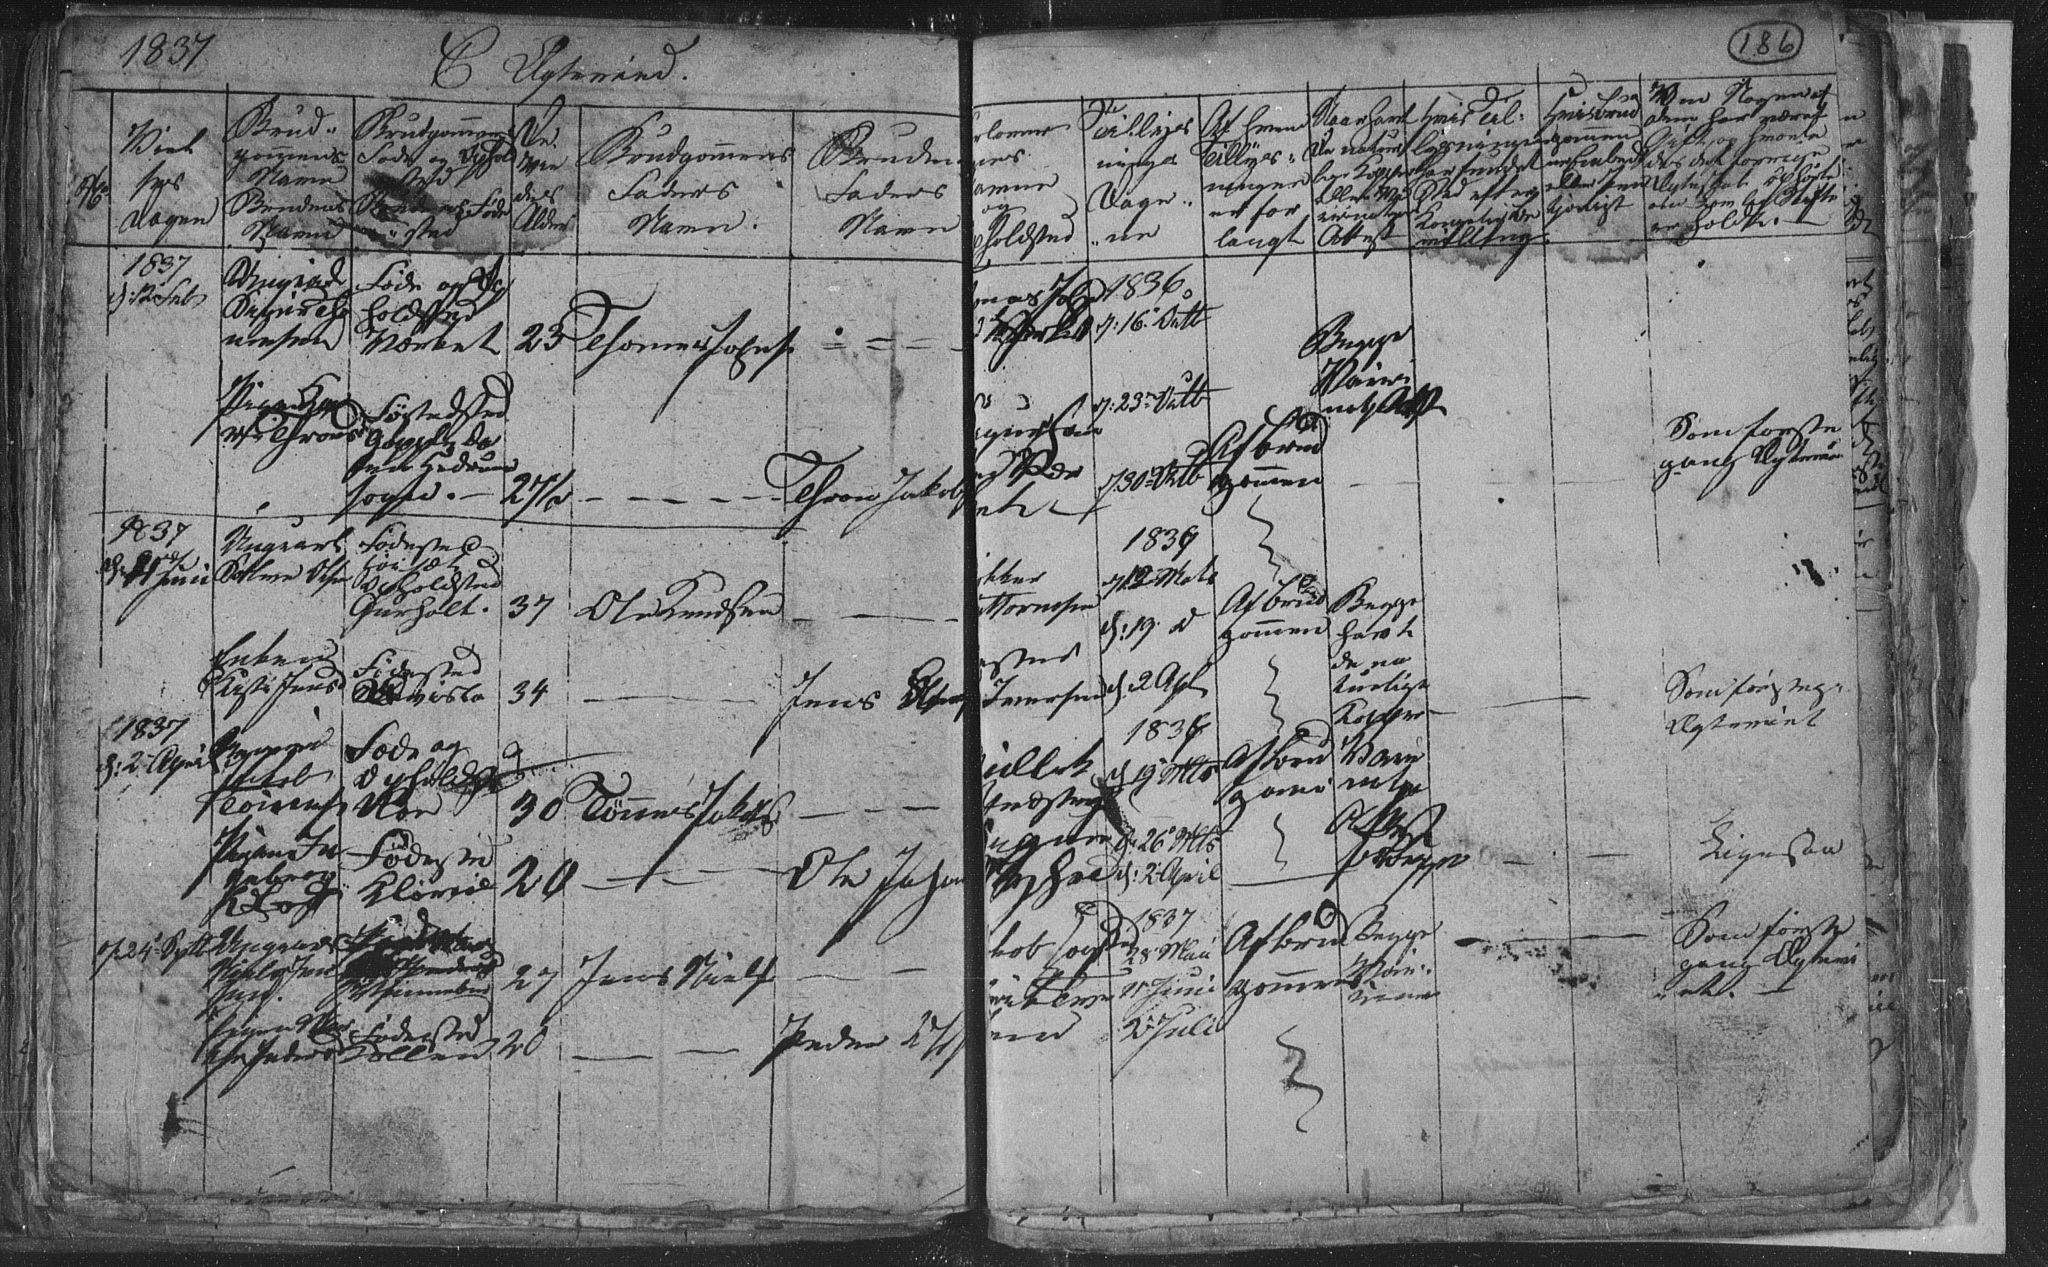 SAKO, Siljan kirkebøker, G/Ga/L0001: Klokkerbok nr. 1, 1827-1847, s. 186